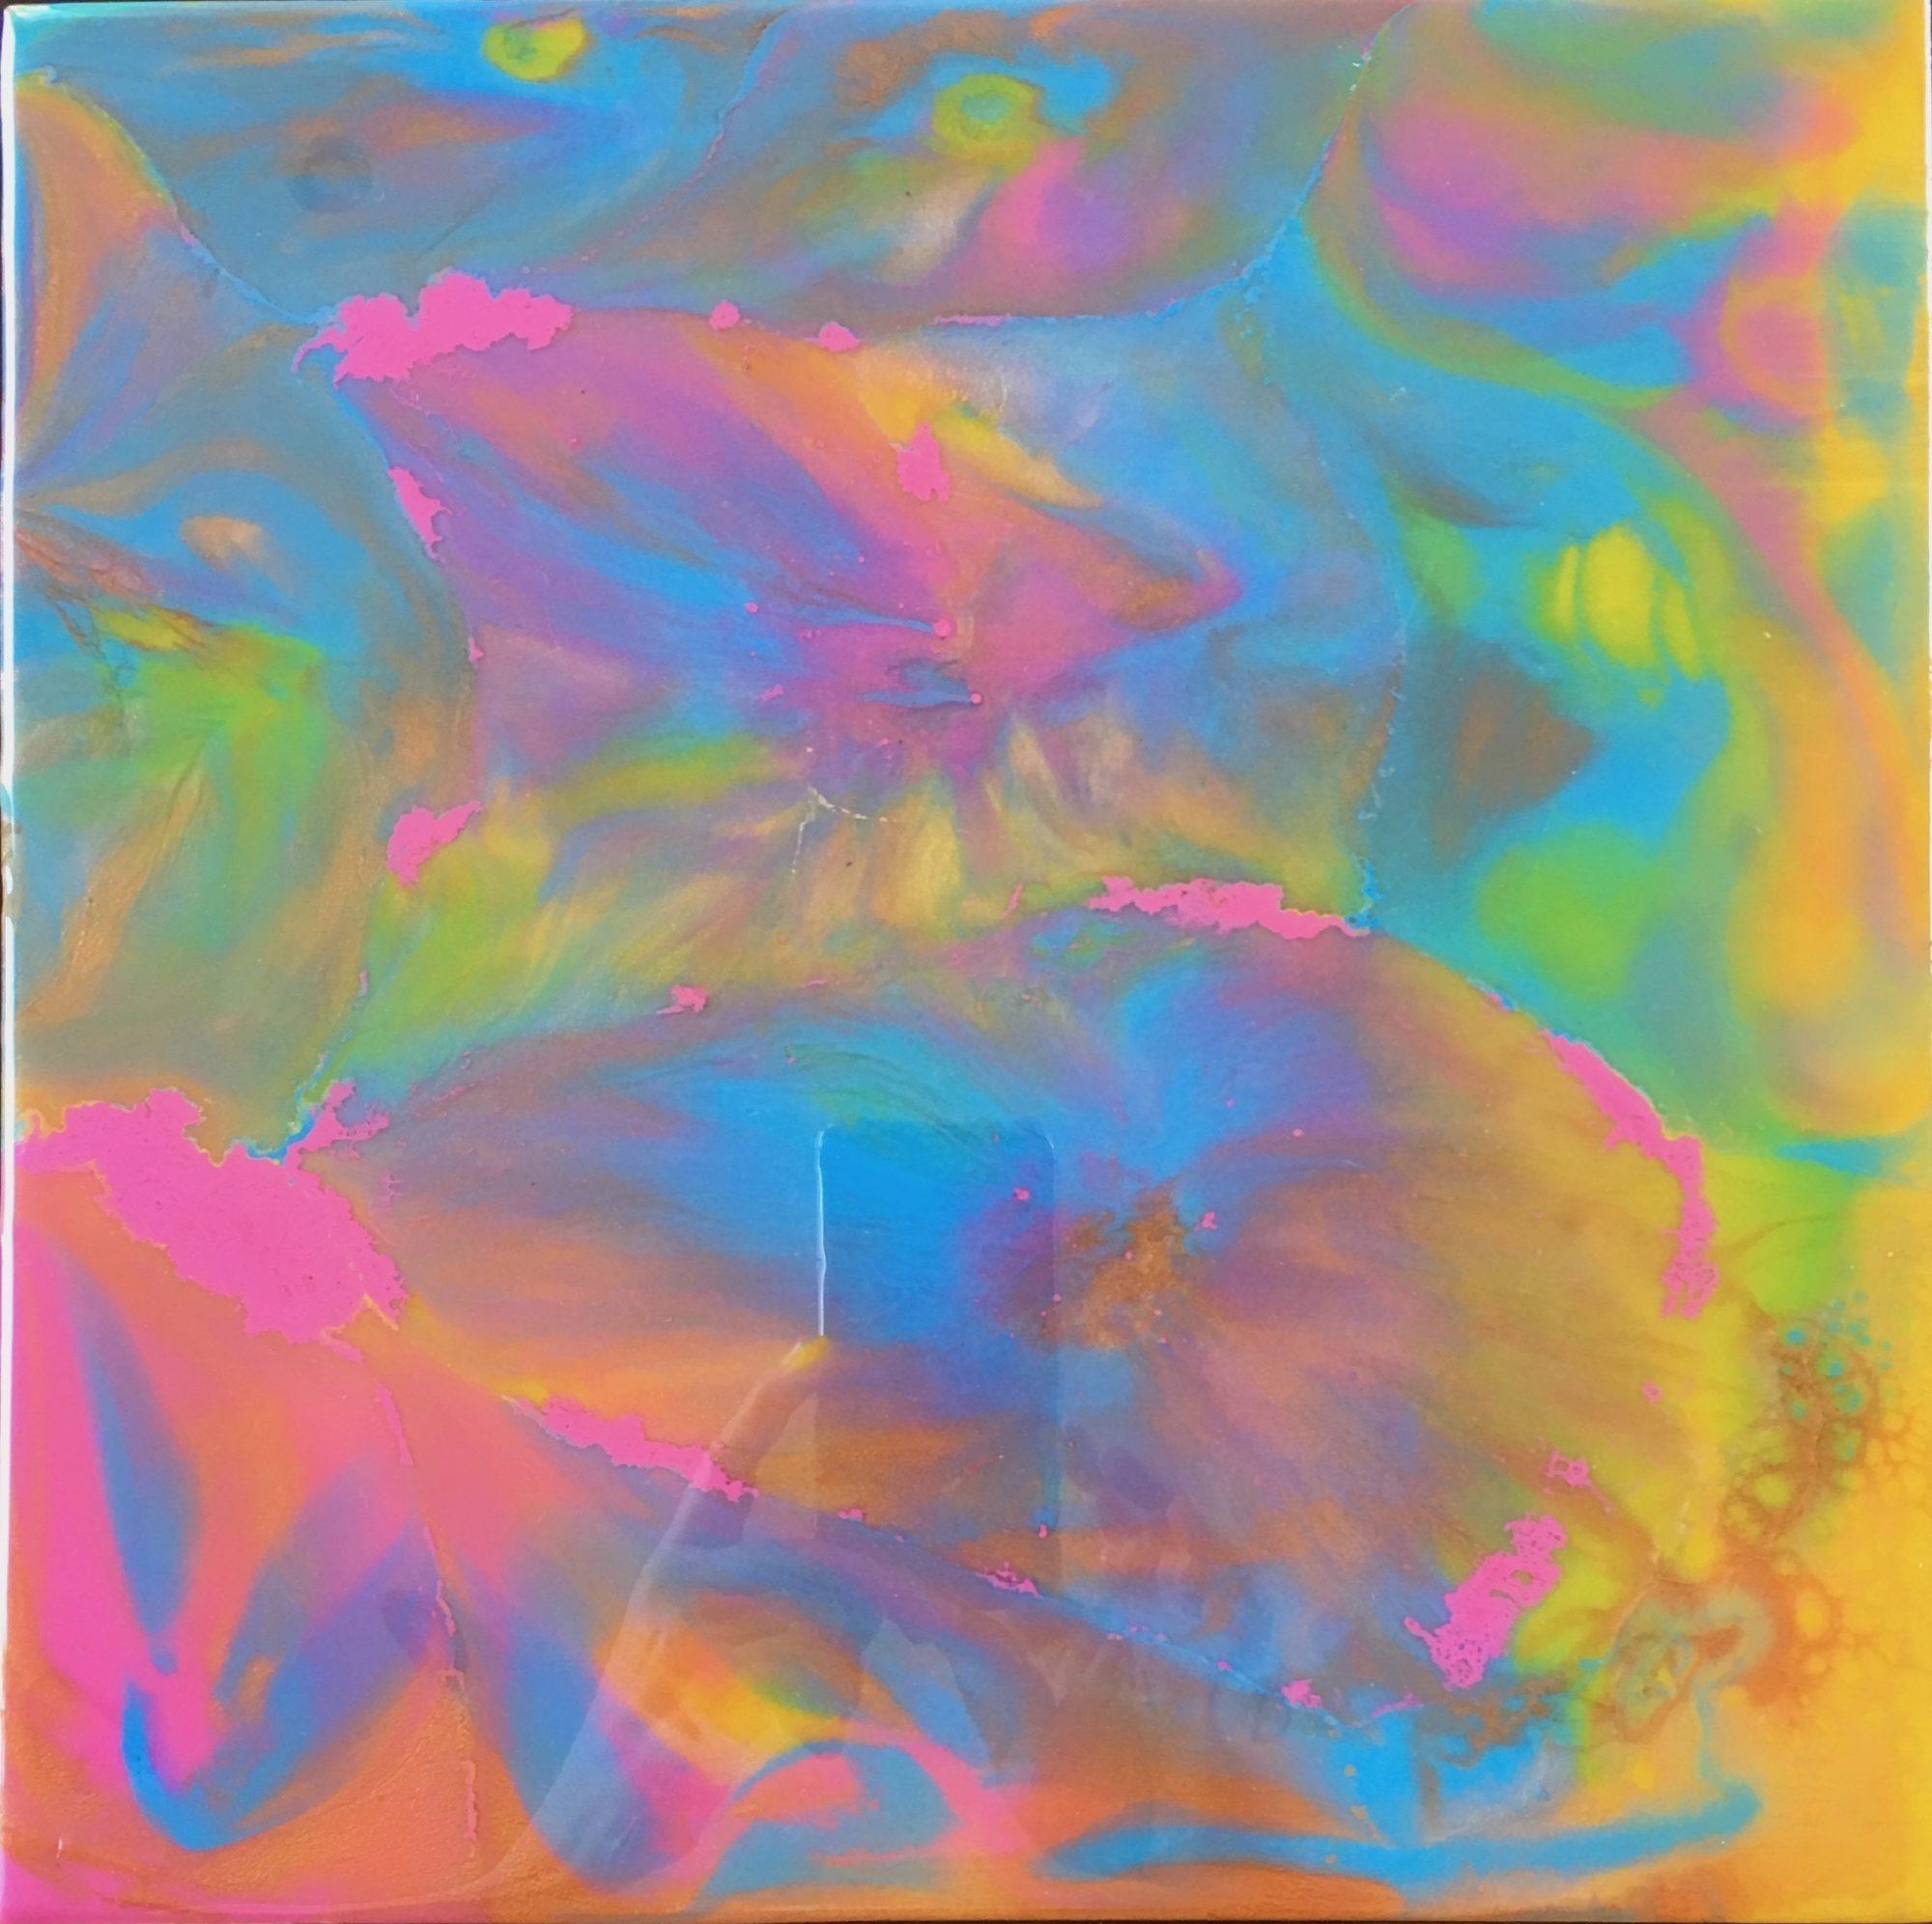 bubblegum-bronwyn-muzzin-bluethumb-art